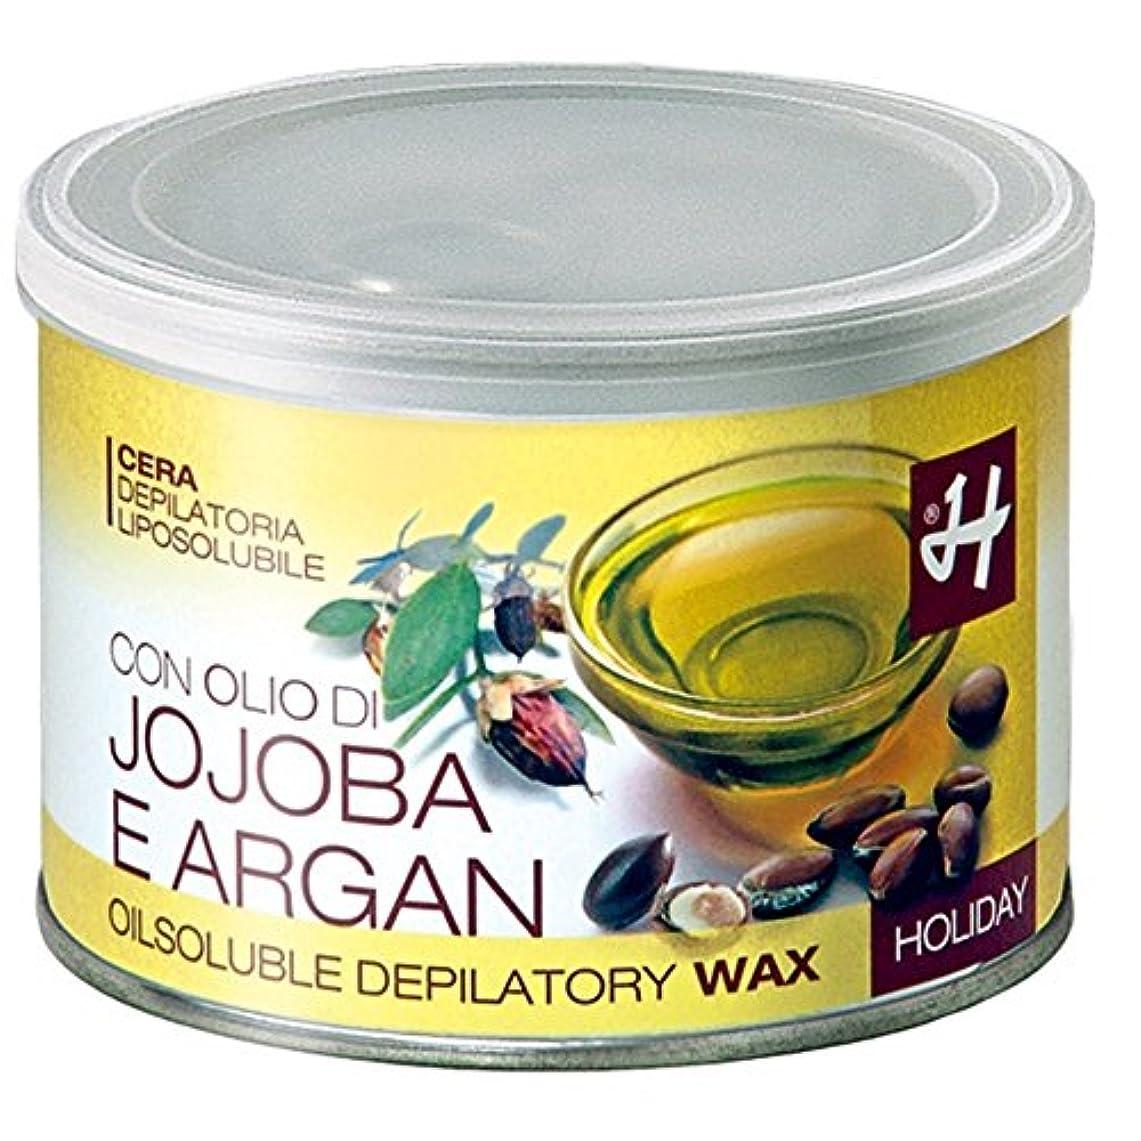 書き出すオーラルピックHOLIDAY JAPAN (ホリデイジャパン) ホホバ&アルガンオイル?エレメンツ ロジンフリーワックス 400ml イタリア製 ブラジリアンワックス WAX